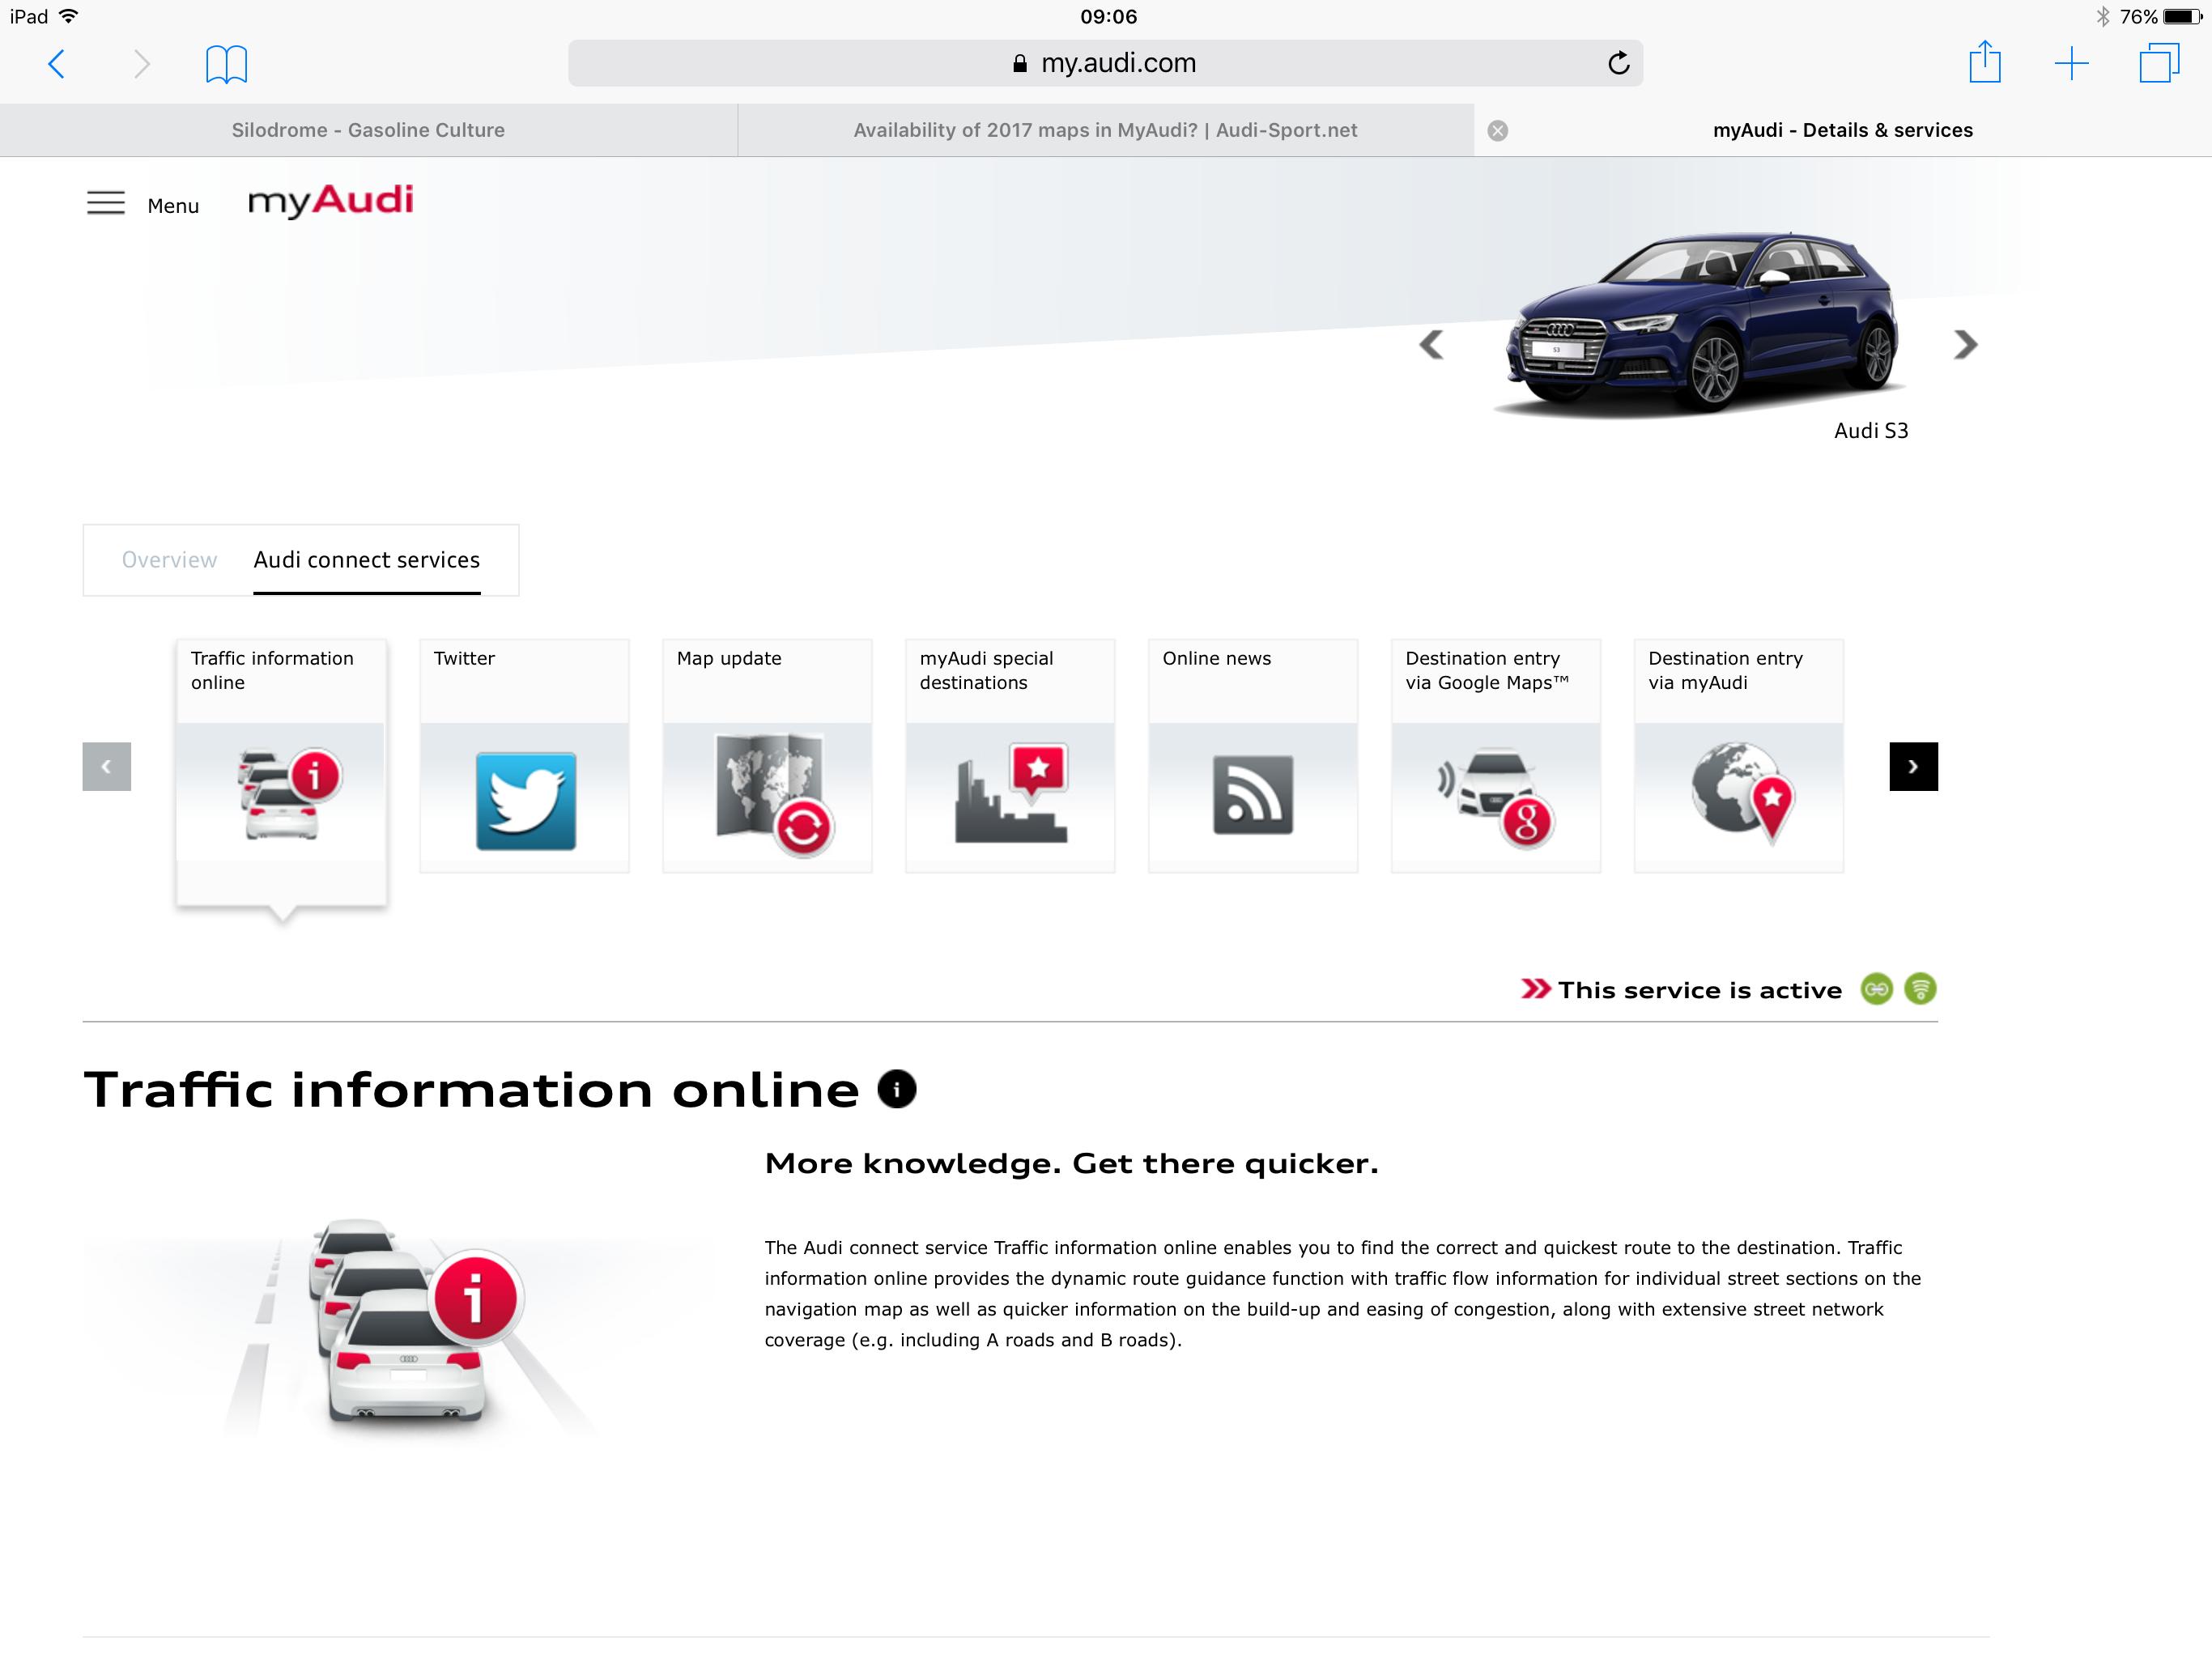 Availability Of 2017 Maps In Myaudi Audi Sport Net